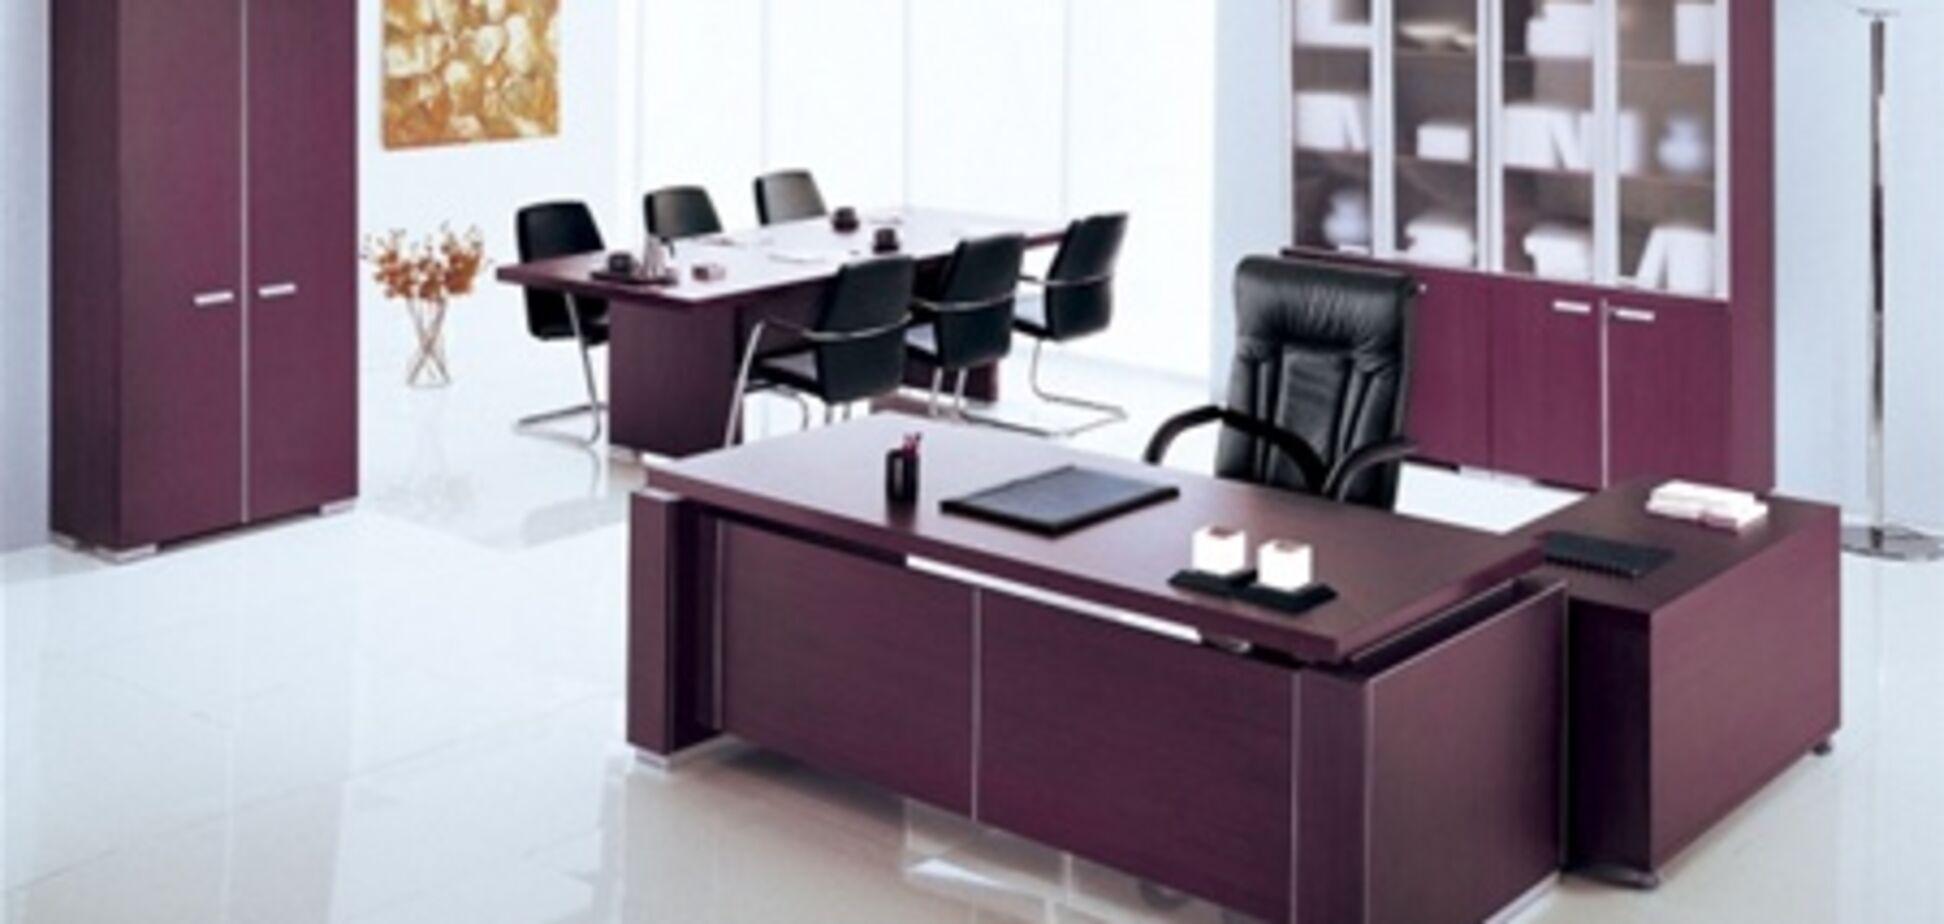 Рекомендации по выбору офисного помещения